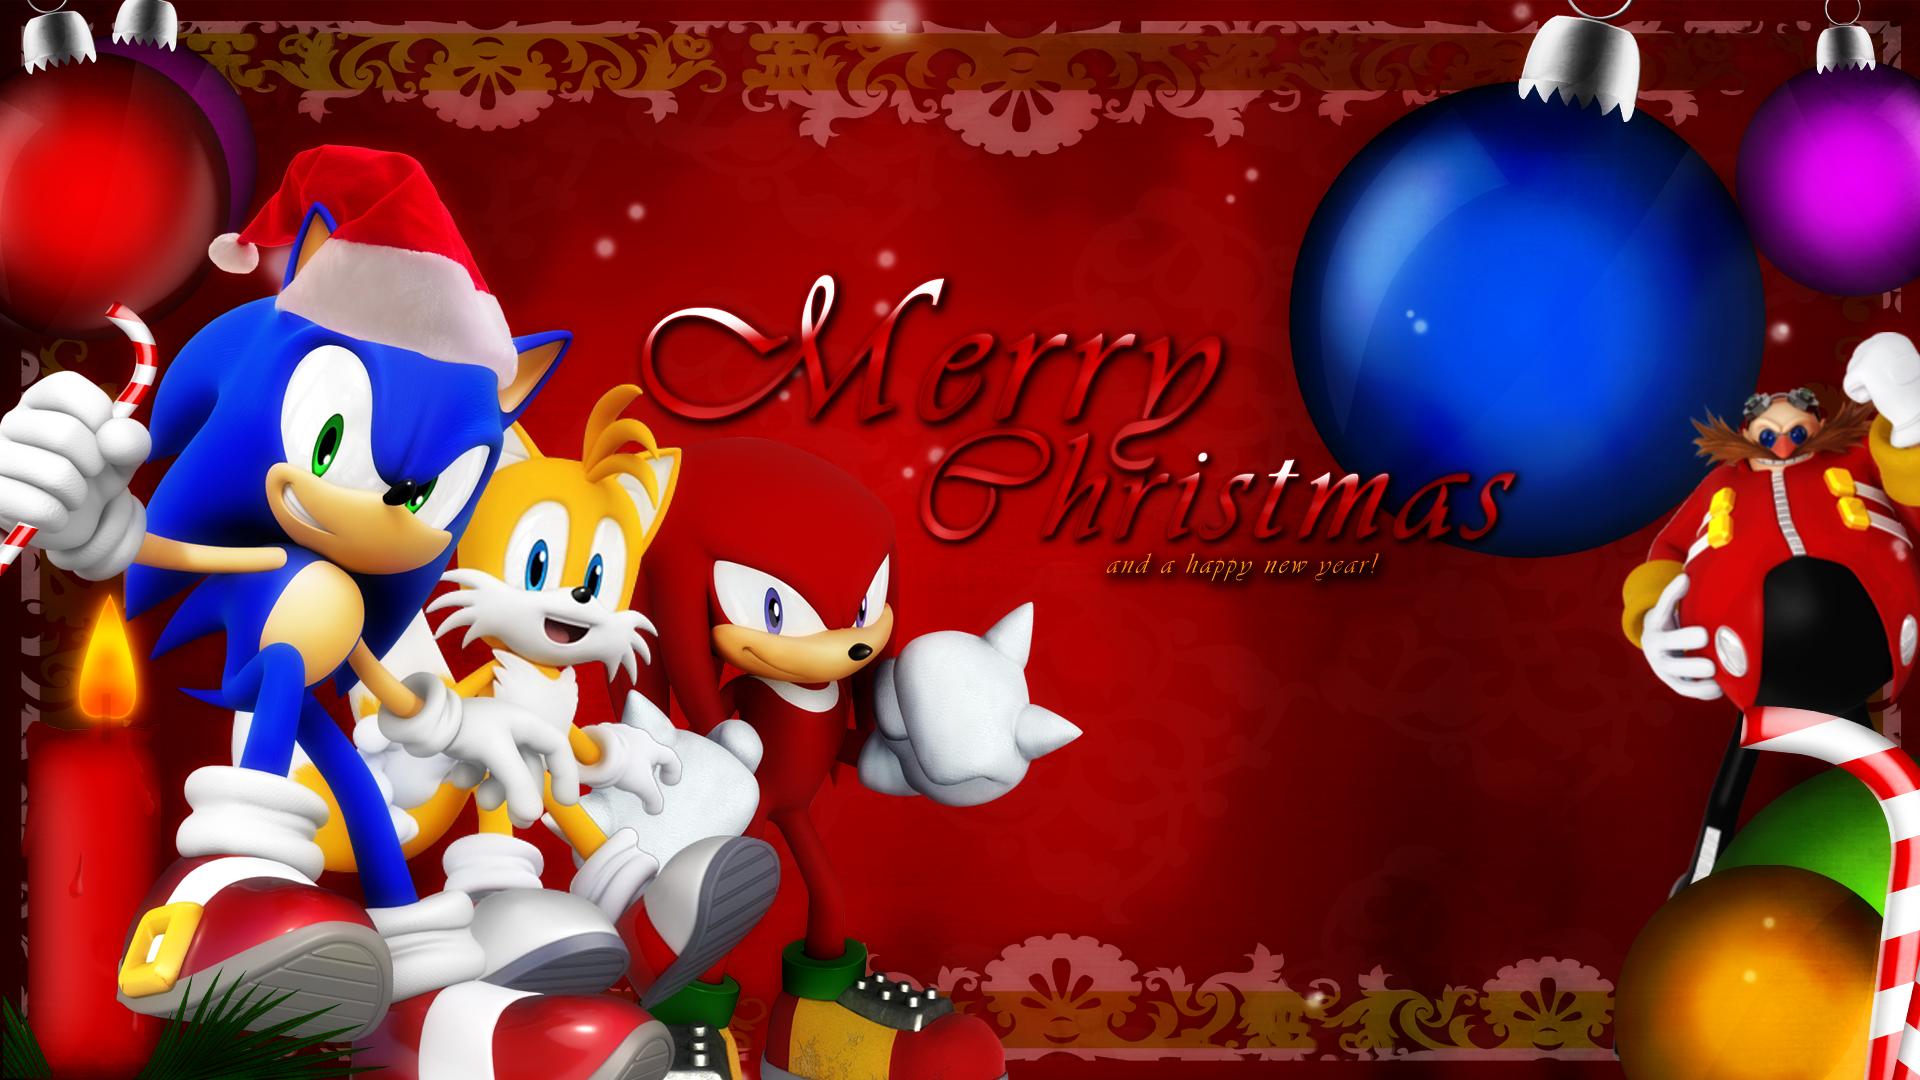 GVRS MBA: HAPPY MARY CHRISTMAS